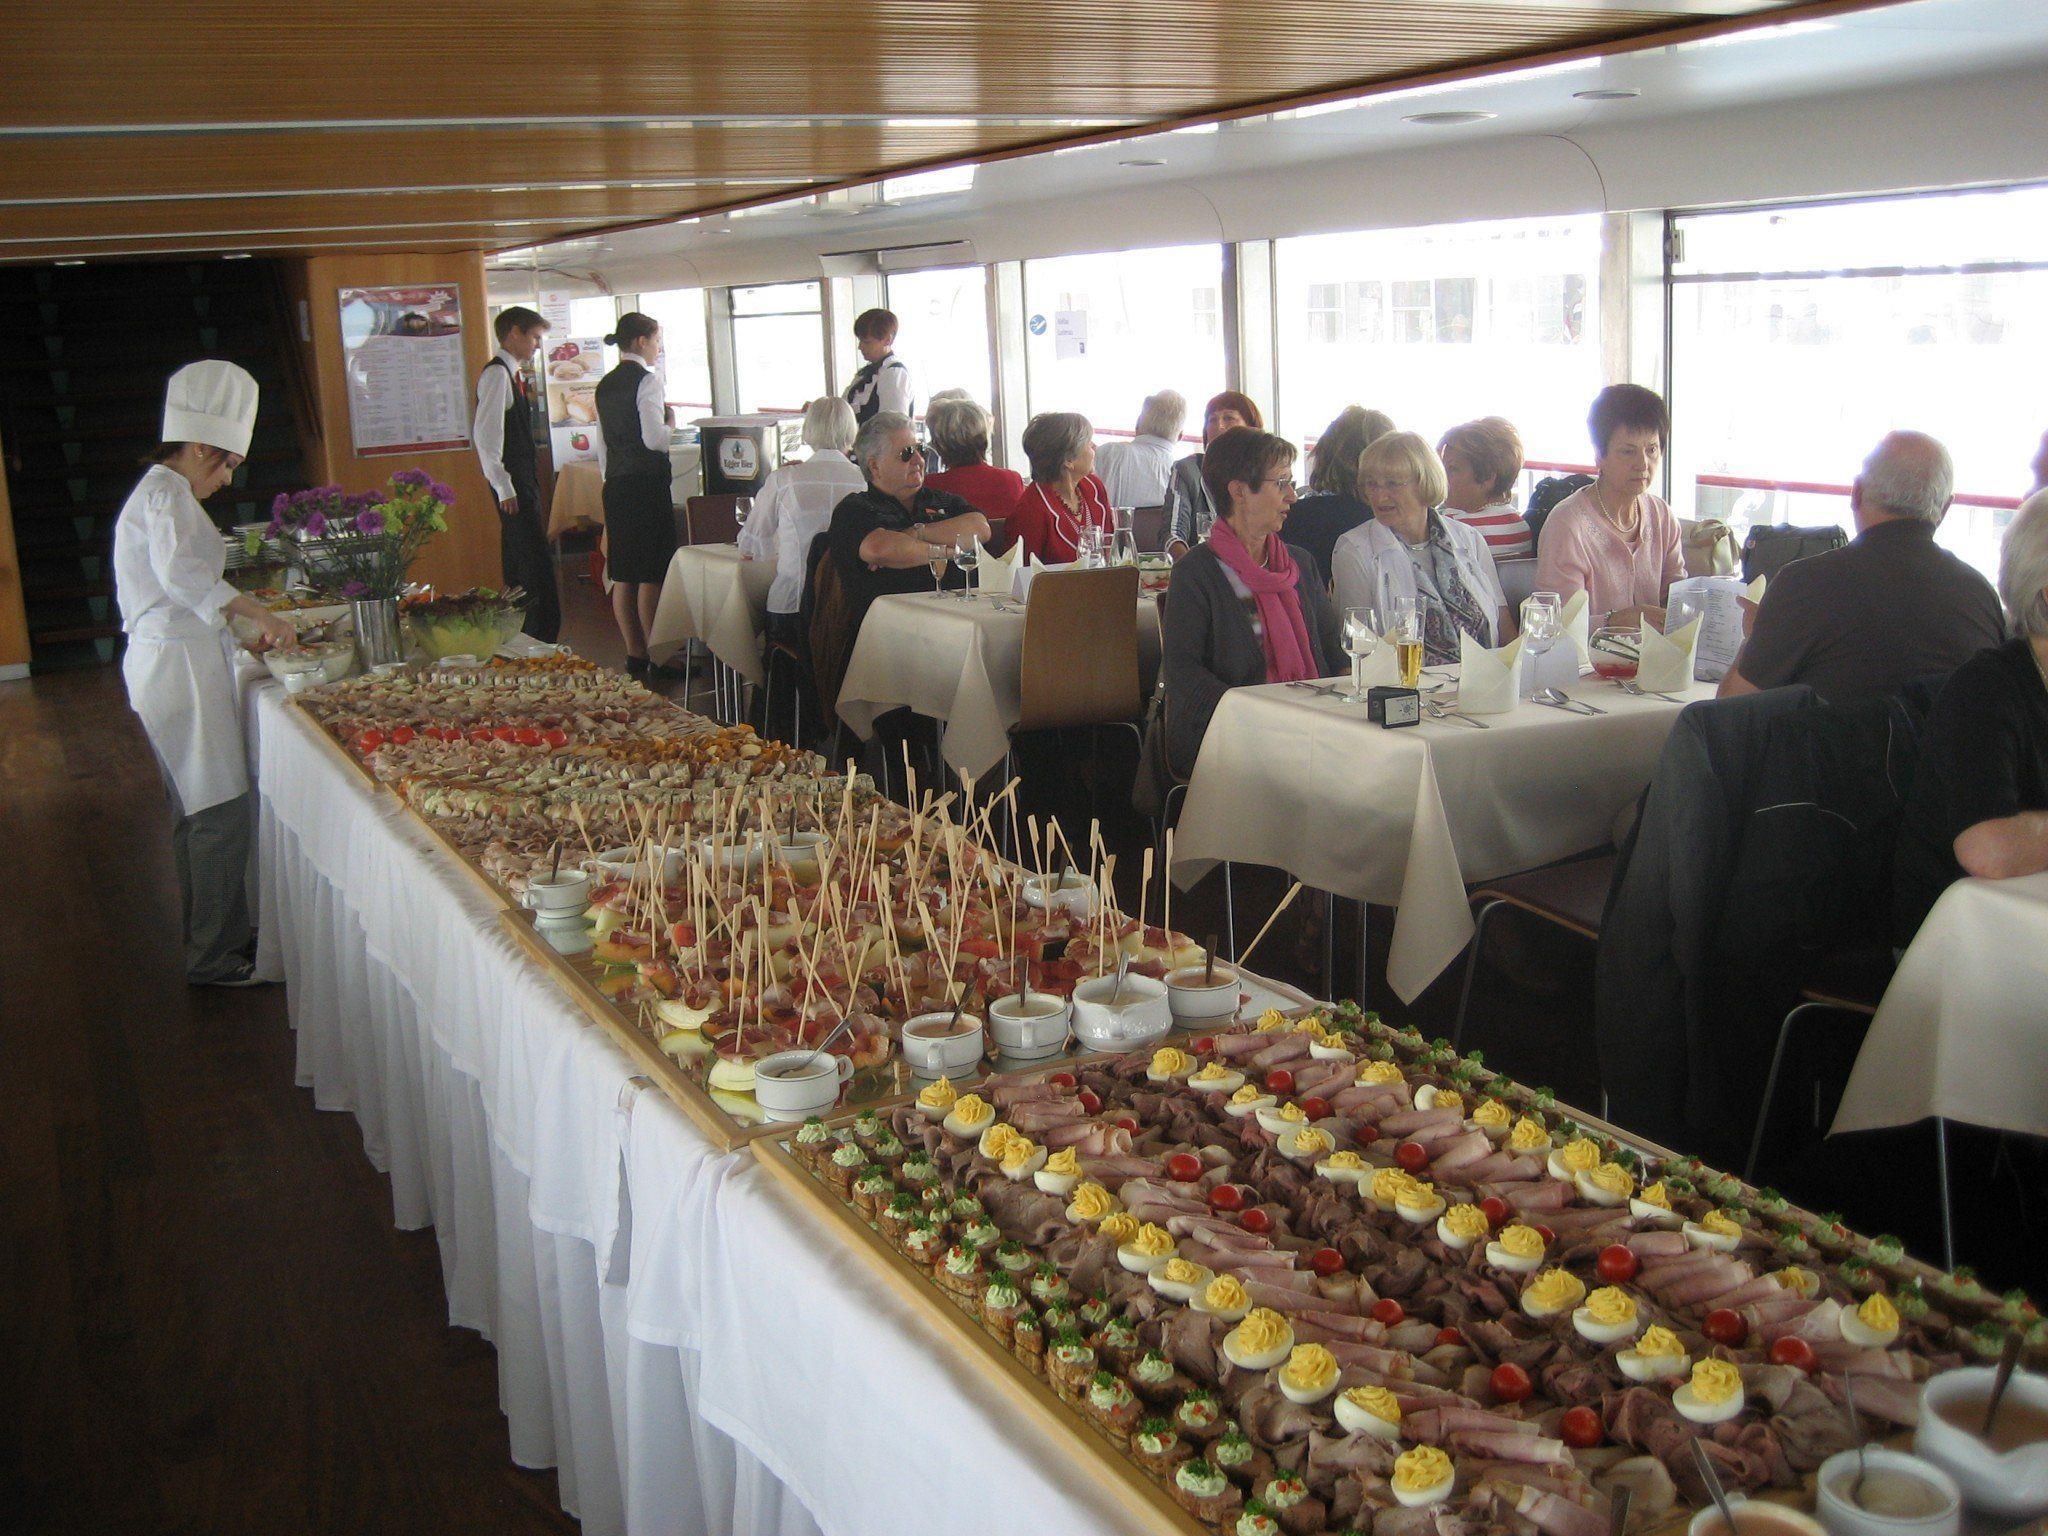 Das Kalte Buffet bei der Bodenseeschifffahrt